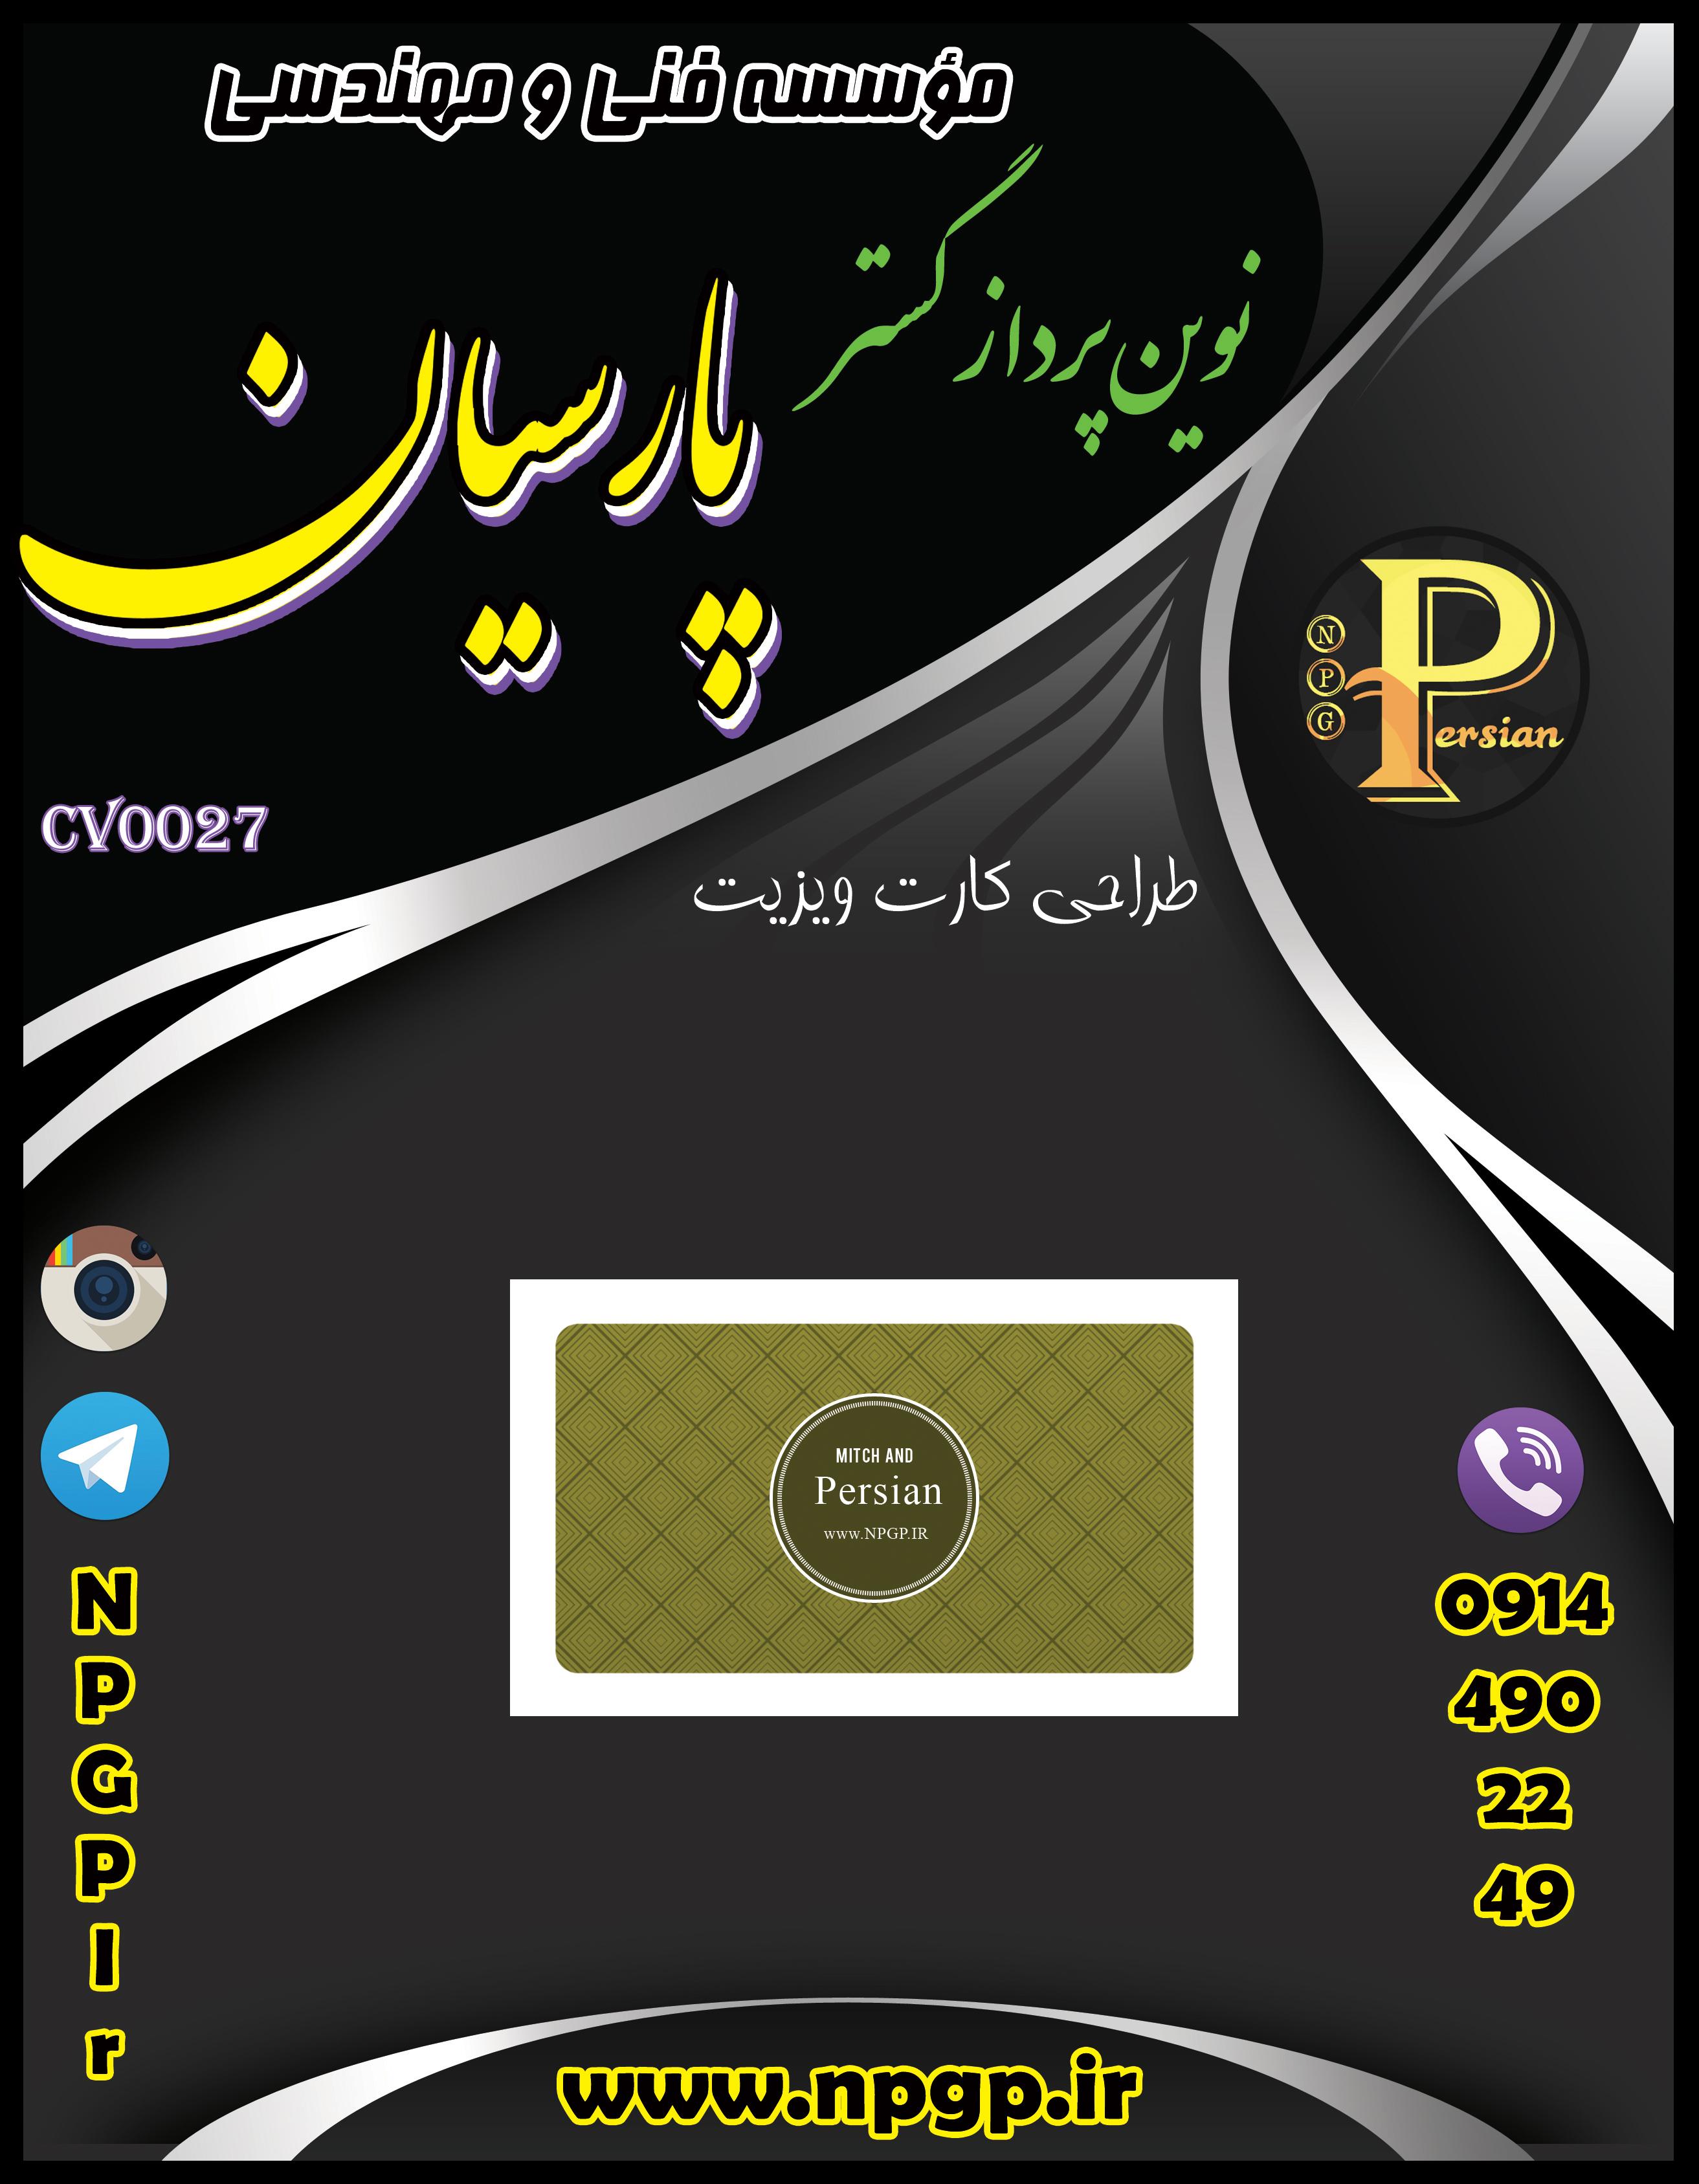 نمونه کارت ویزیت شماره 27 | طراحی کارت ویزیت اختصاصی